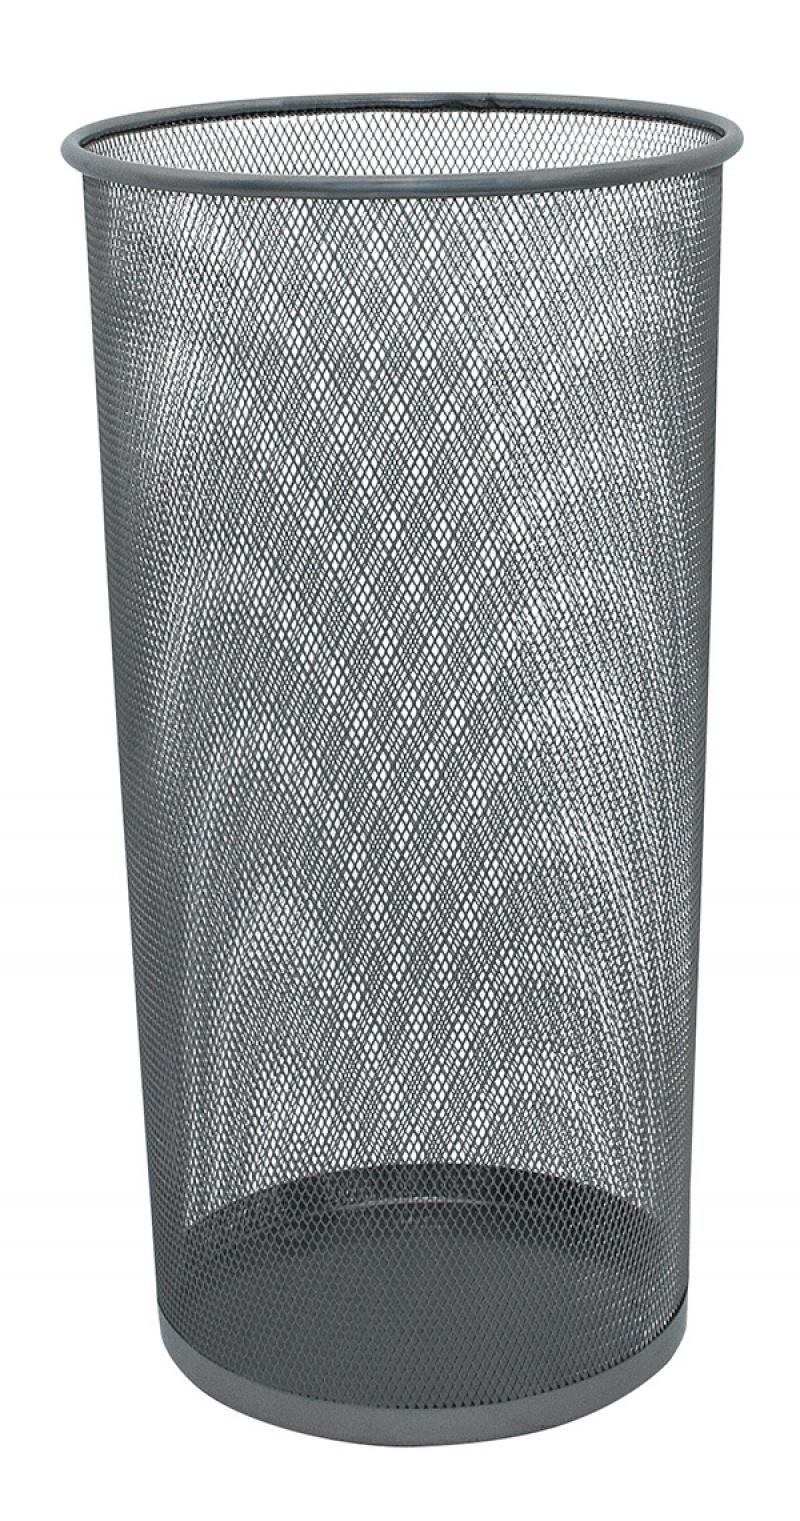 Stojak na parasole Q-CONNECT Office Set, metalowy, srebrny, Kosze metal, Wyposażenie biura